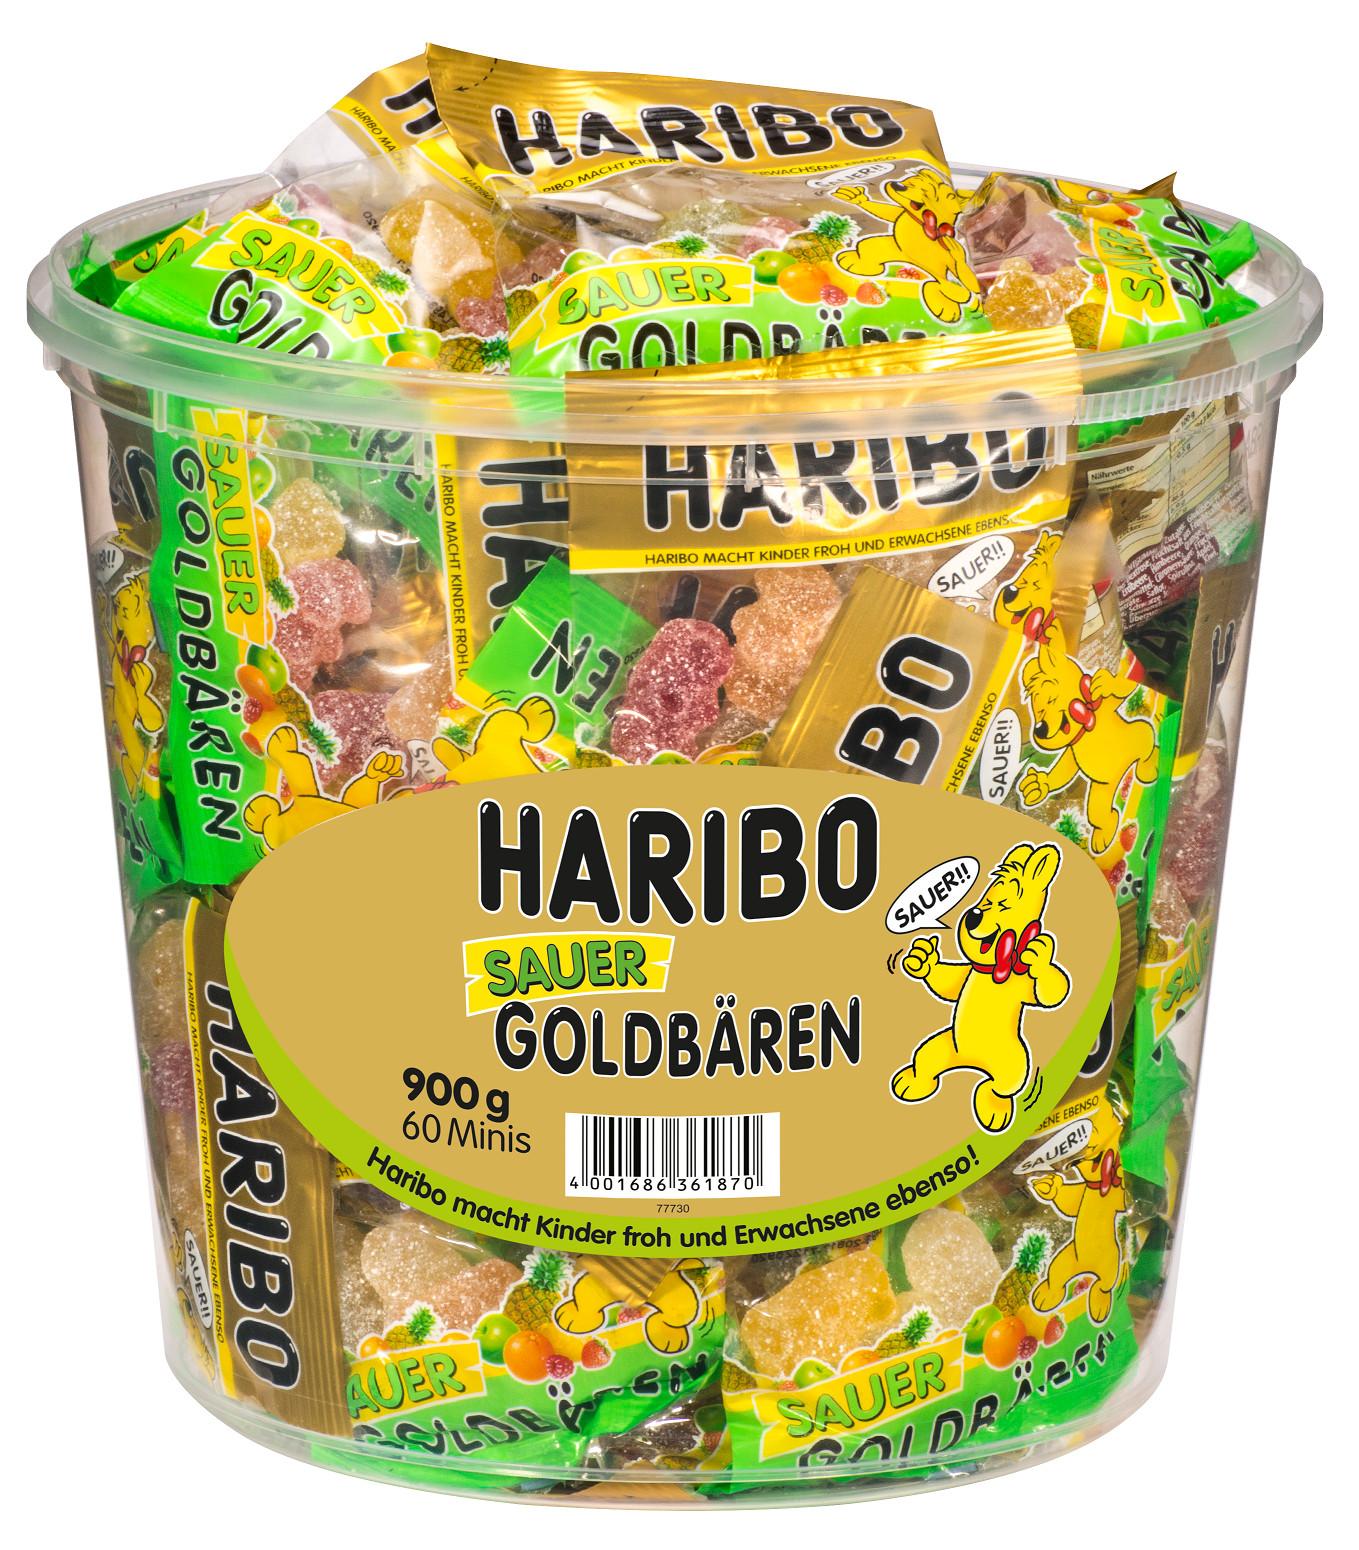 Calendario Avvento Haribo.Haribo Gold Bear Puo Sour 60 Mini Sacchetti 900g